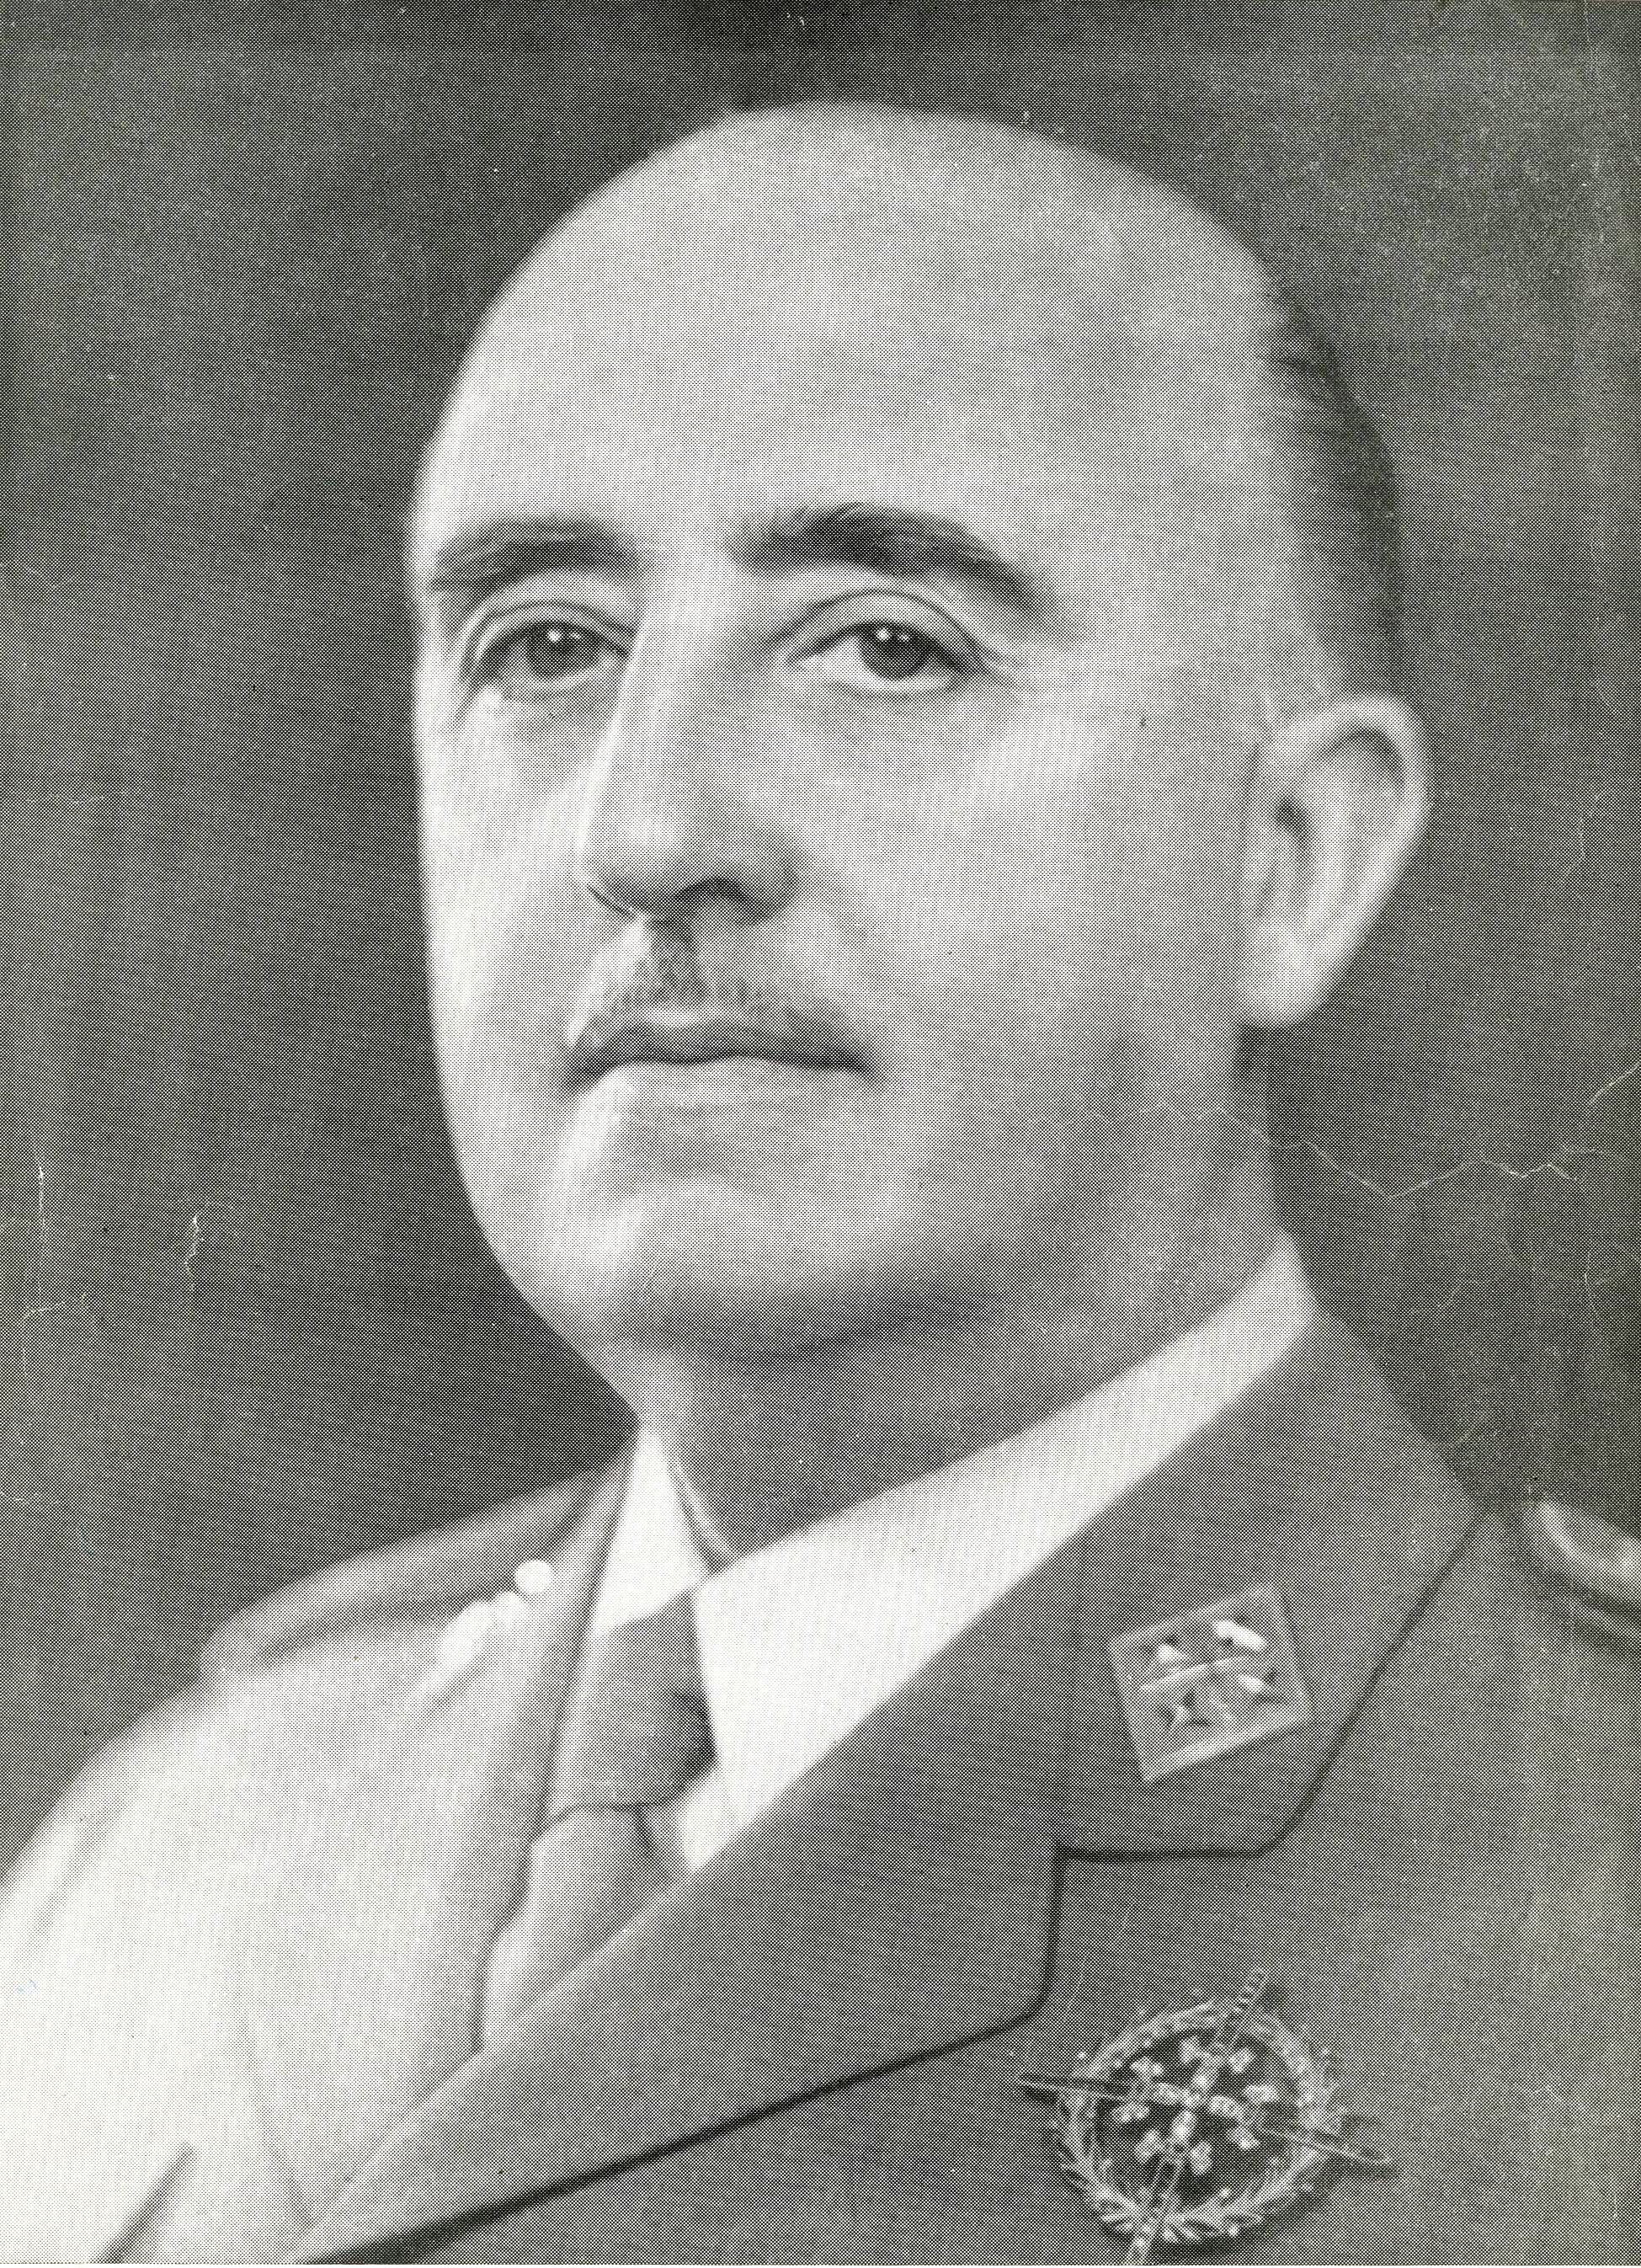 Veja o que saiu no Migalhas sobre Francisco Franco